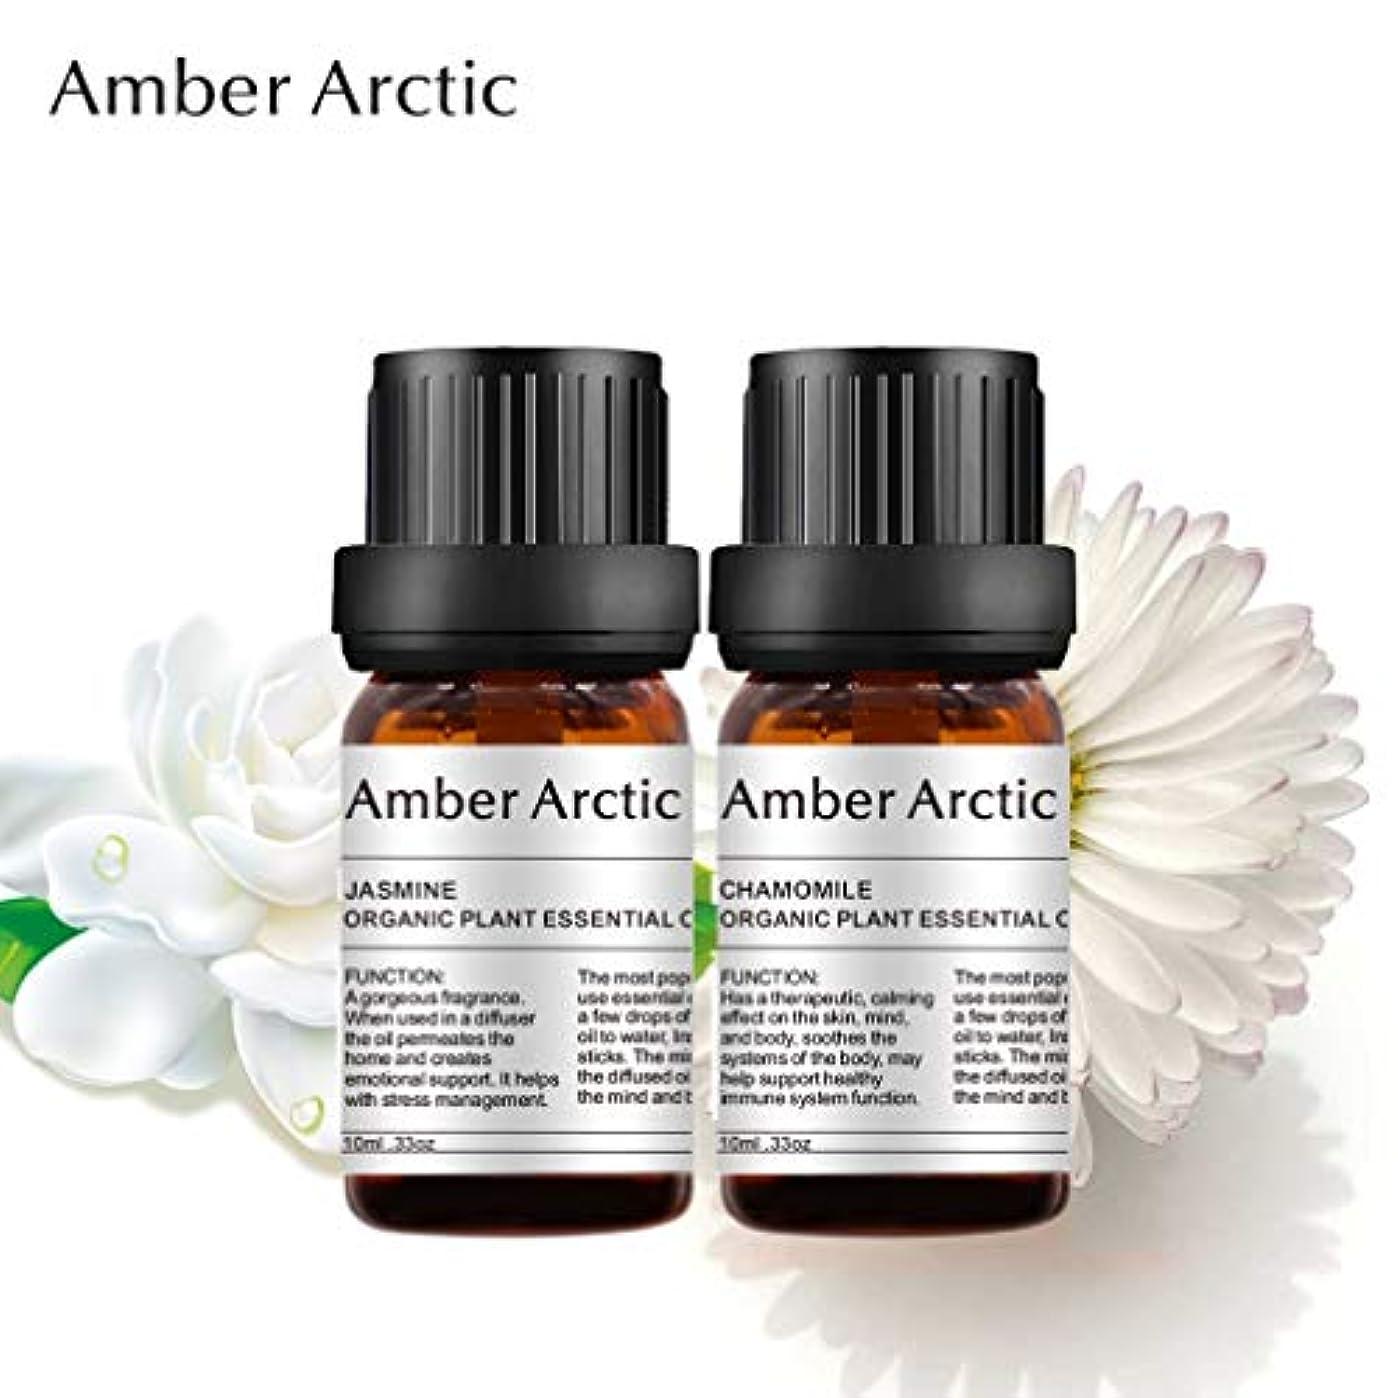 吹雪有名な放射性AMBER ARCTIC ジャスミン カモミール エッセンシャル オイル ディフューザー 用 100% ピュア フレッシュ オーガニック プラント セラピー ジャスミン カモミール オイル 10Mlx2 セット 6